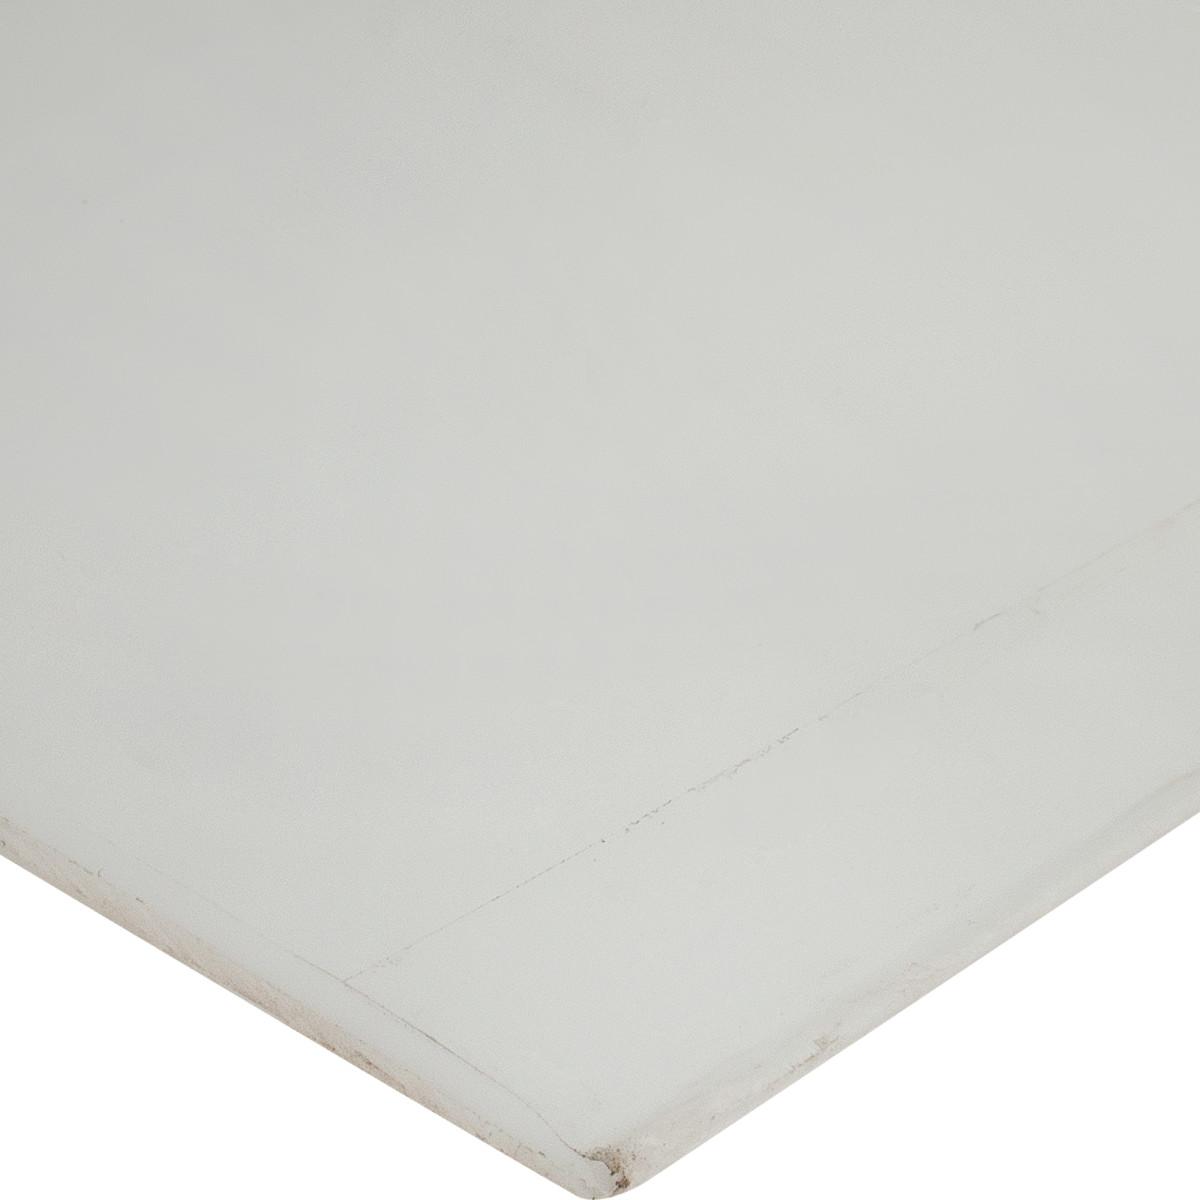 Поликарбонат монолитный 2 мм 2.05х3.05 м цвет молочный